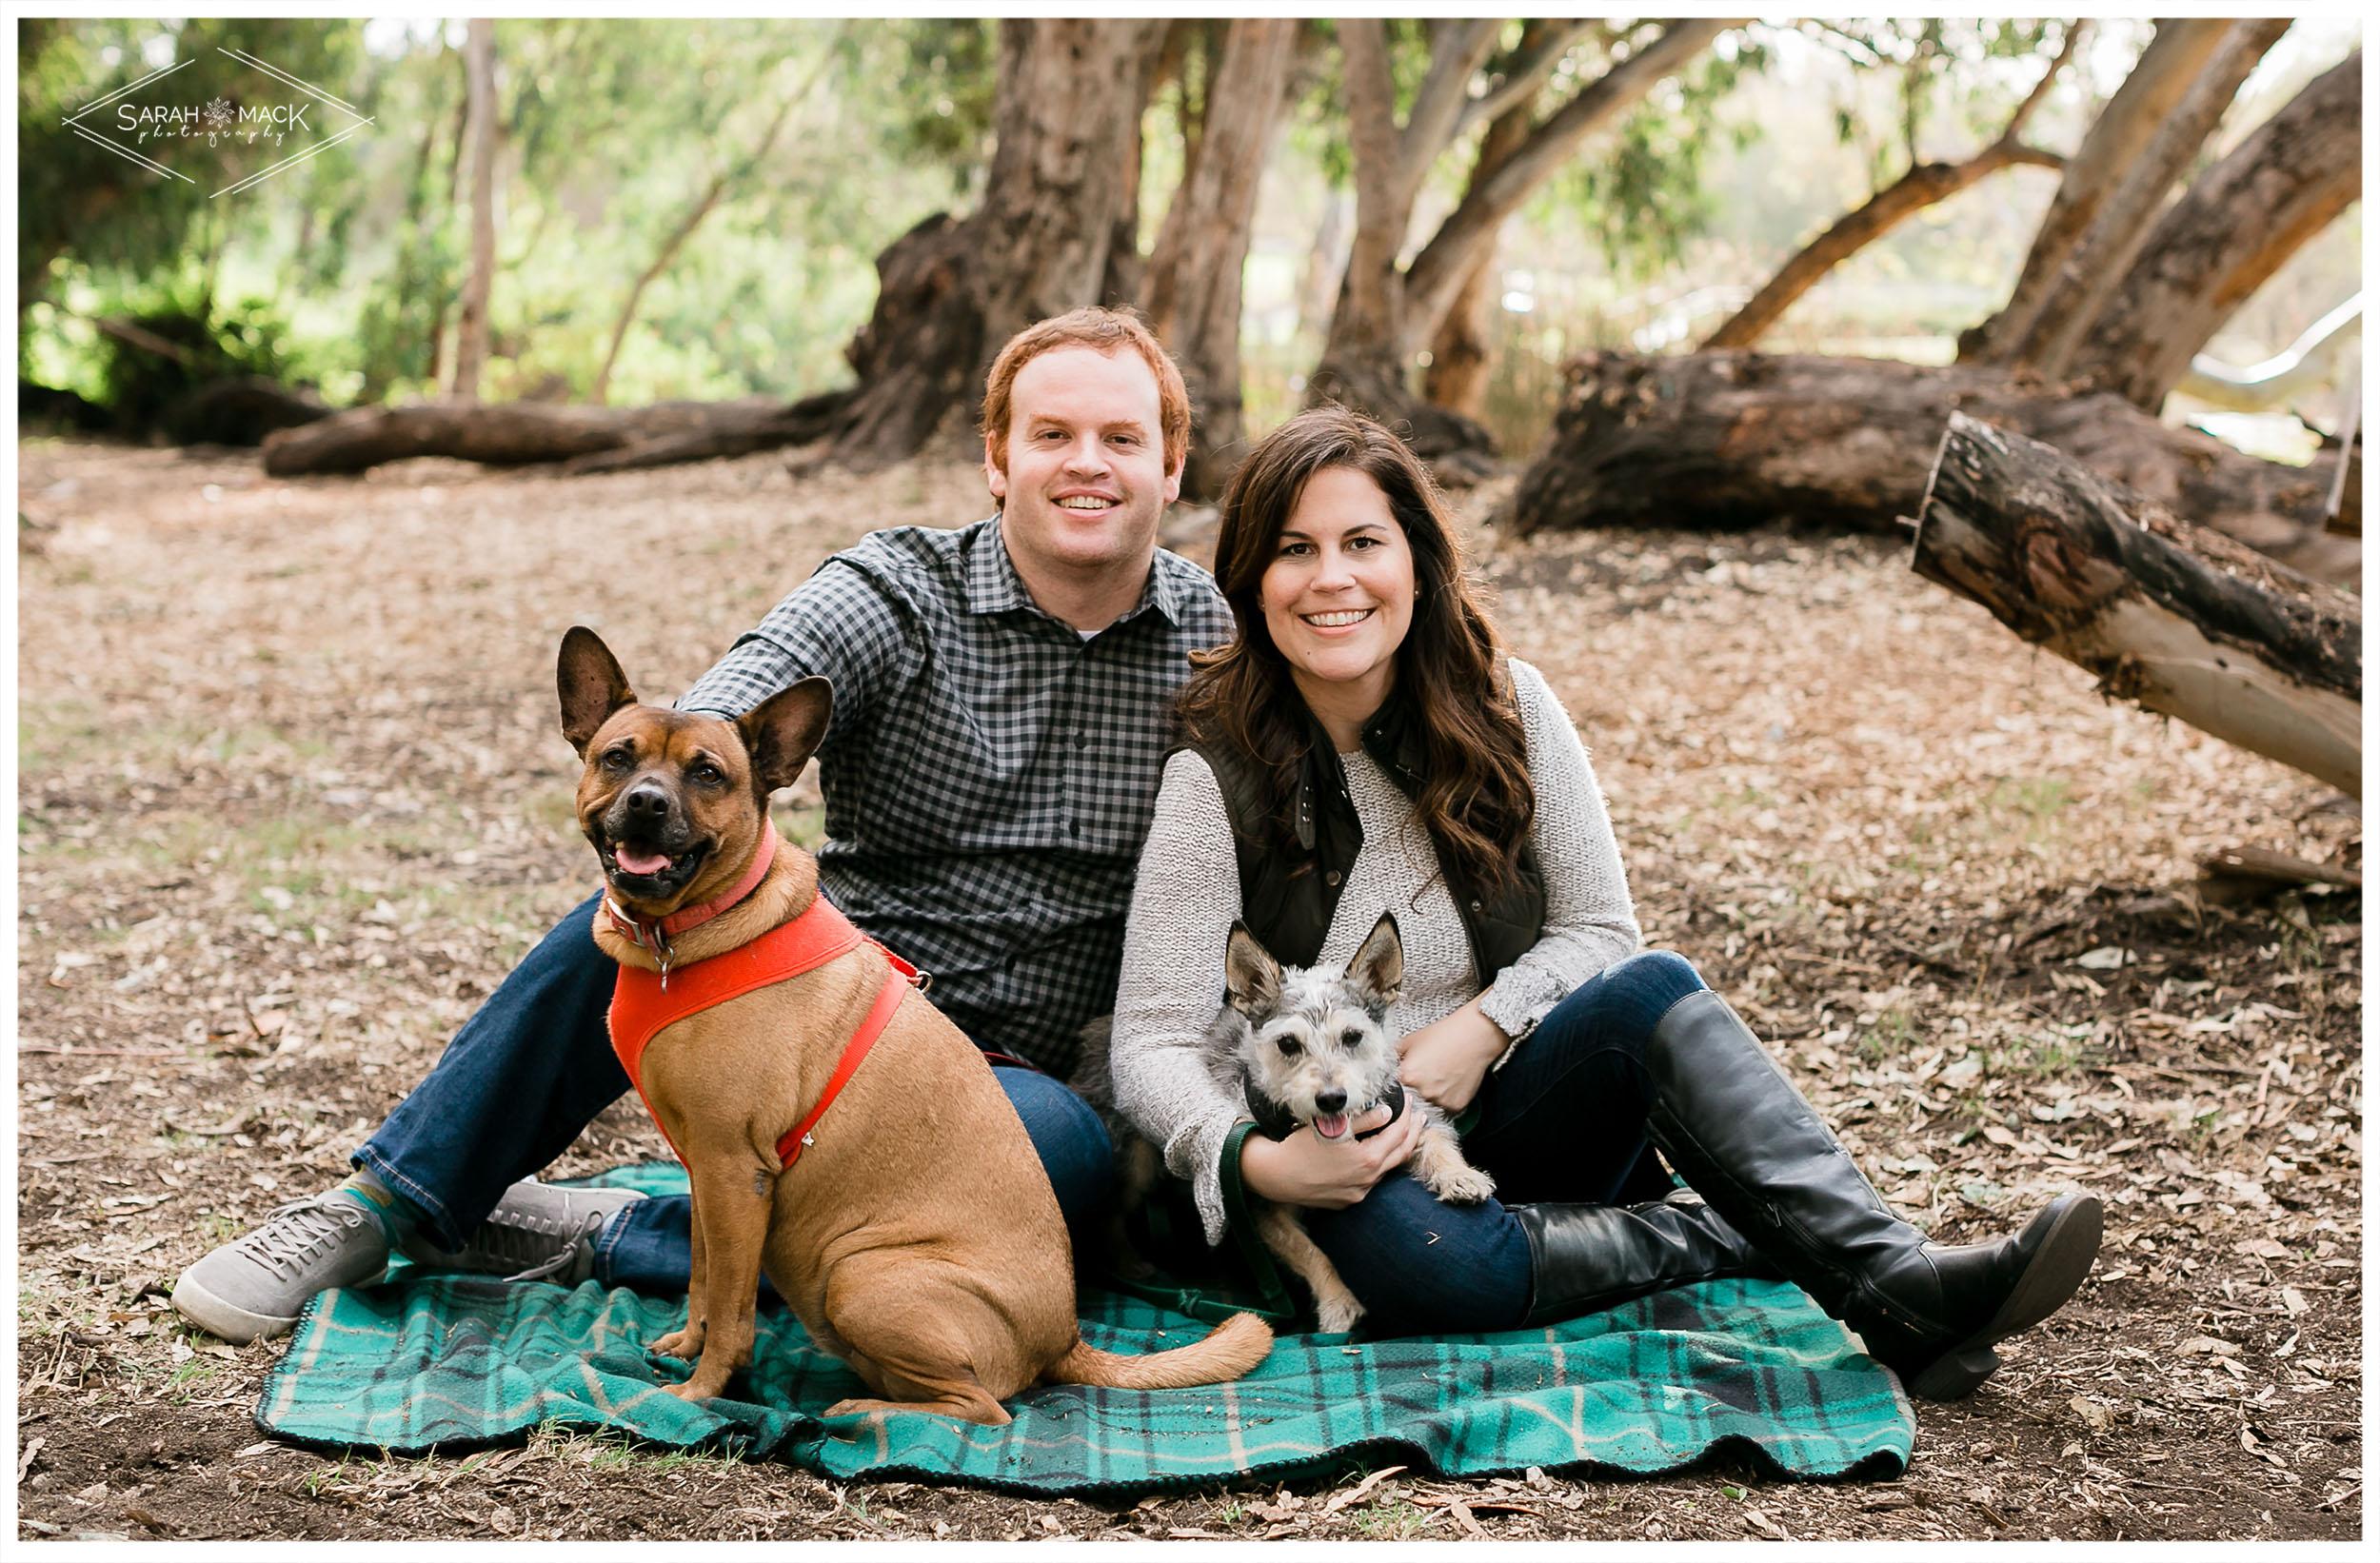 AM-Huntington-Beach-Central-Park-Engagement-Photography-1.jpg